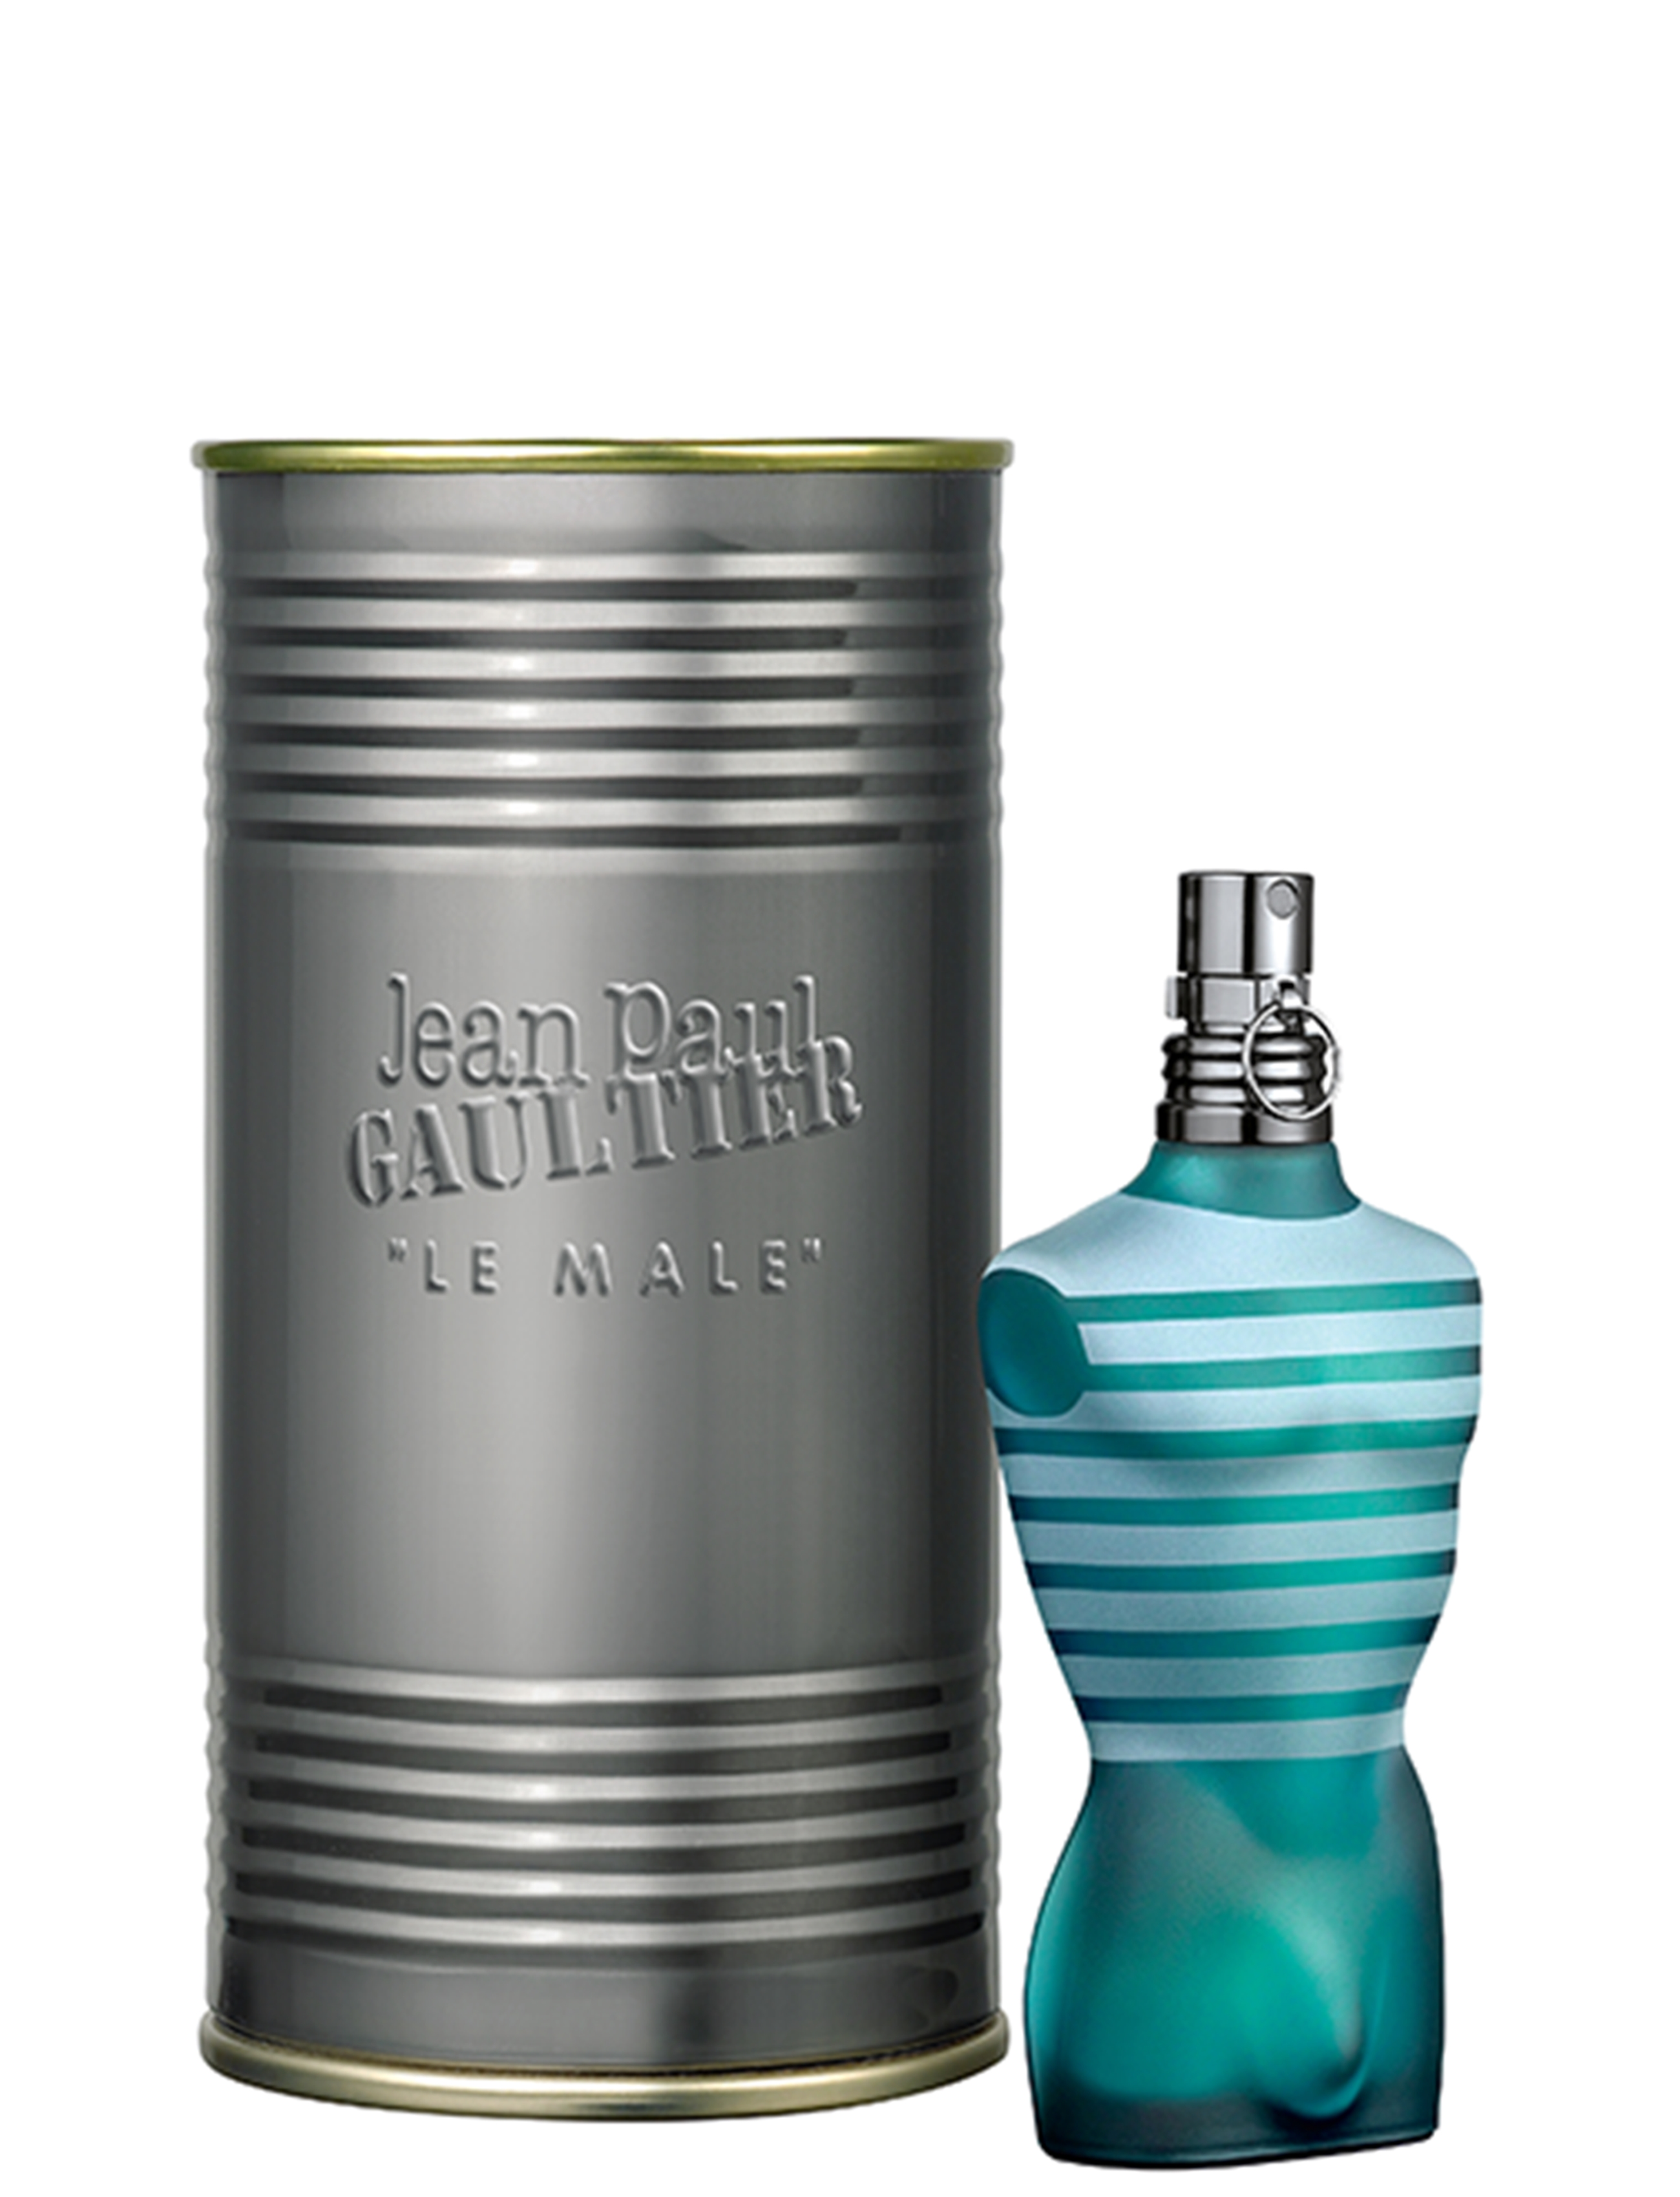 Jean Paul Gaultier Le Male EDT, 40 ml